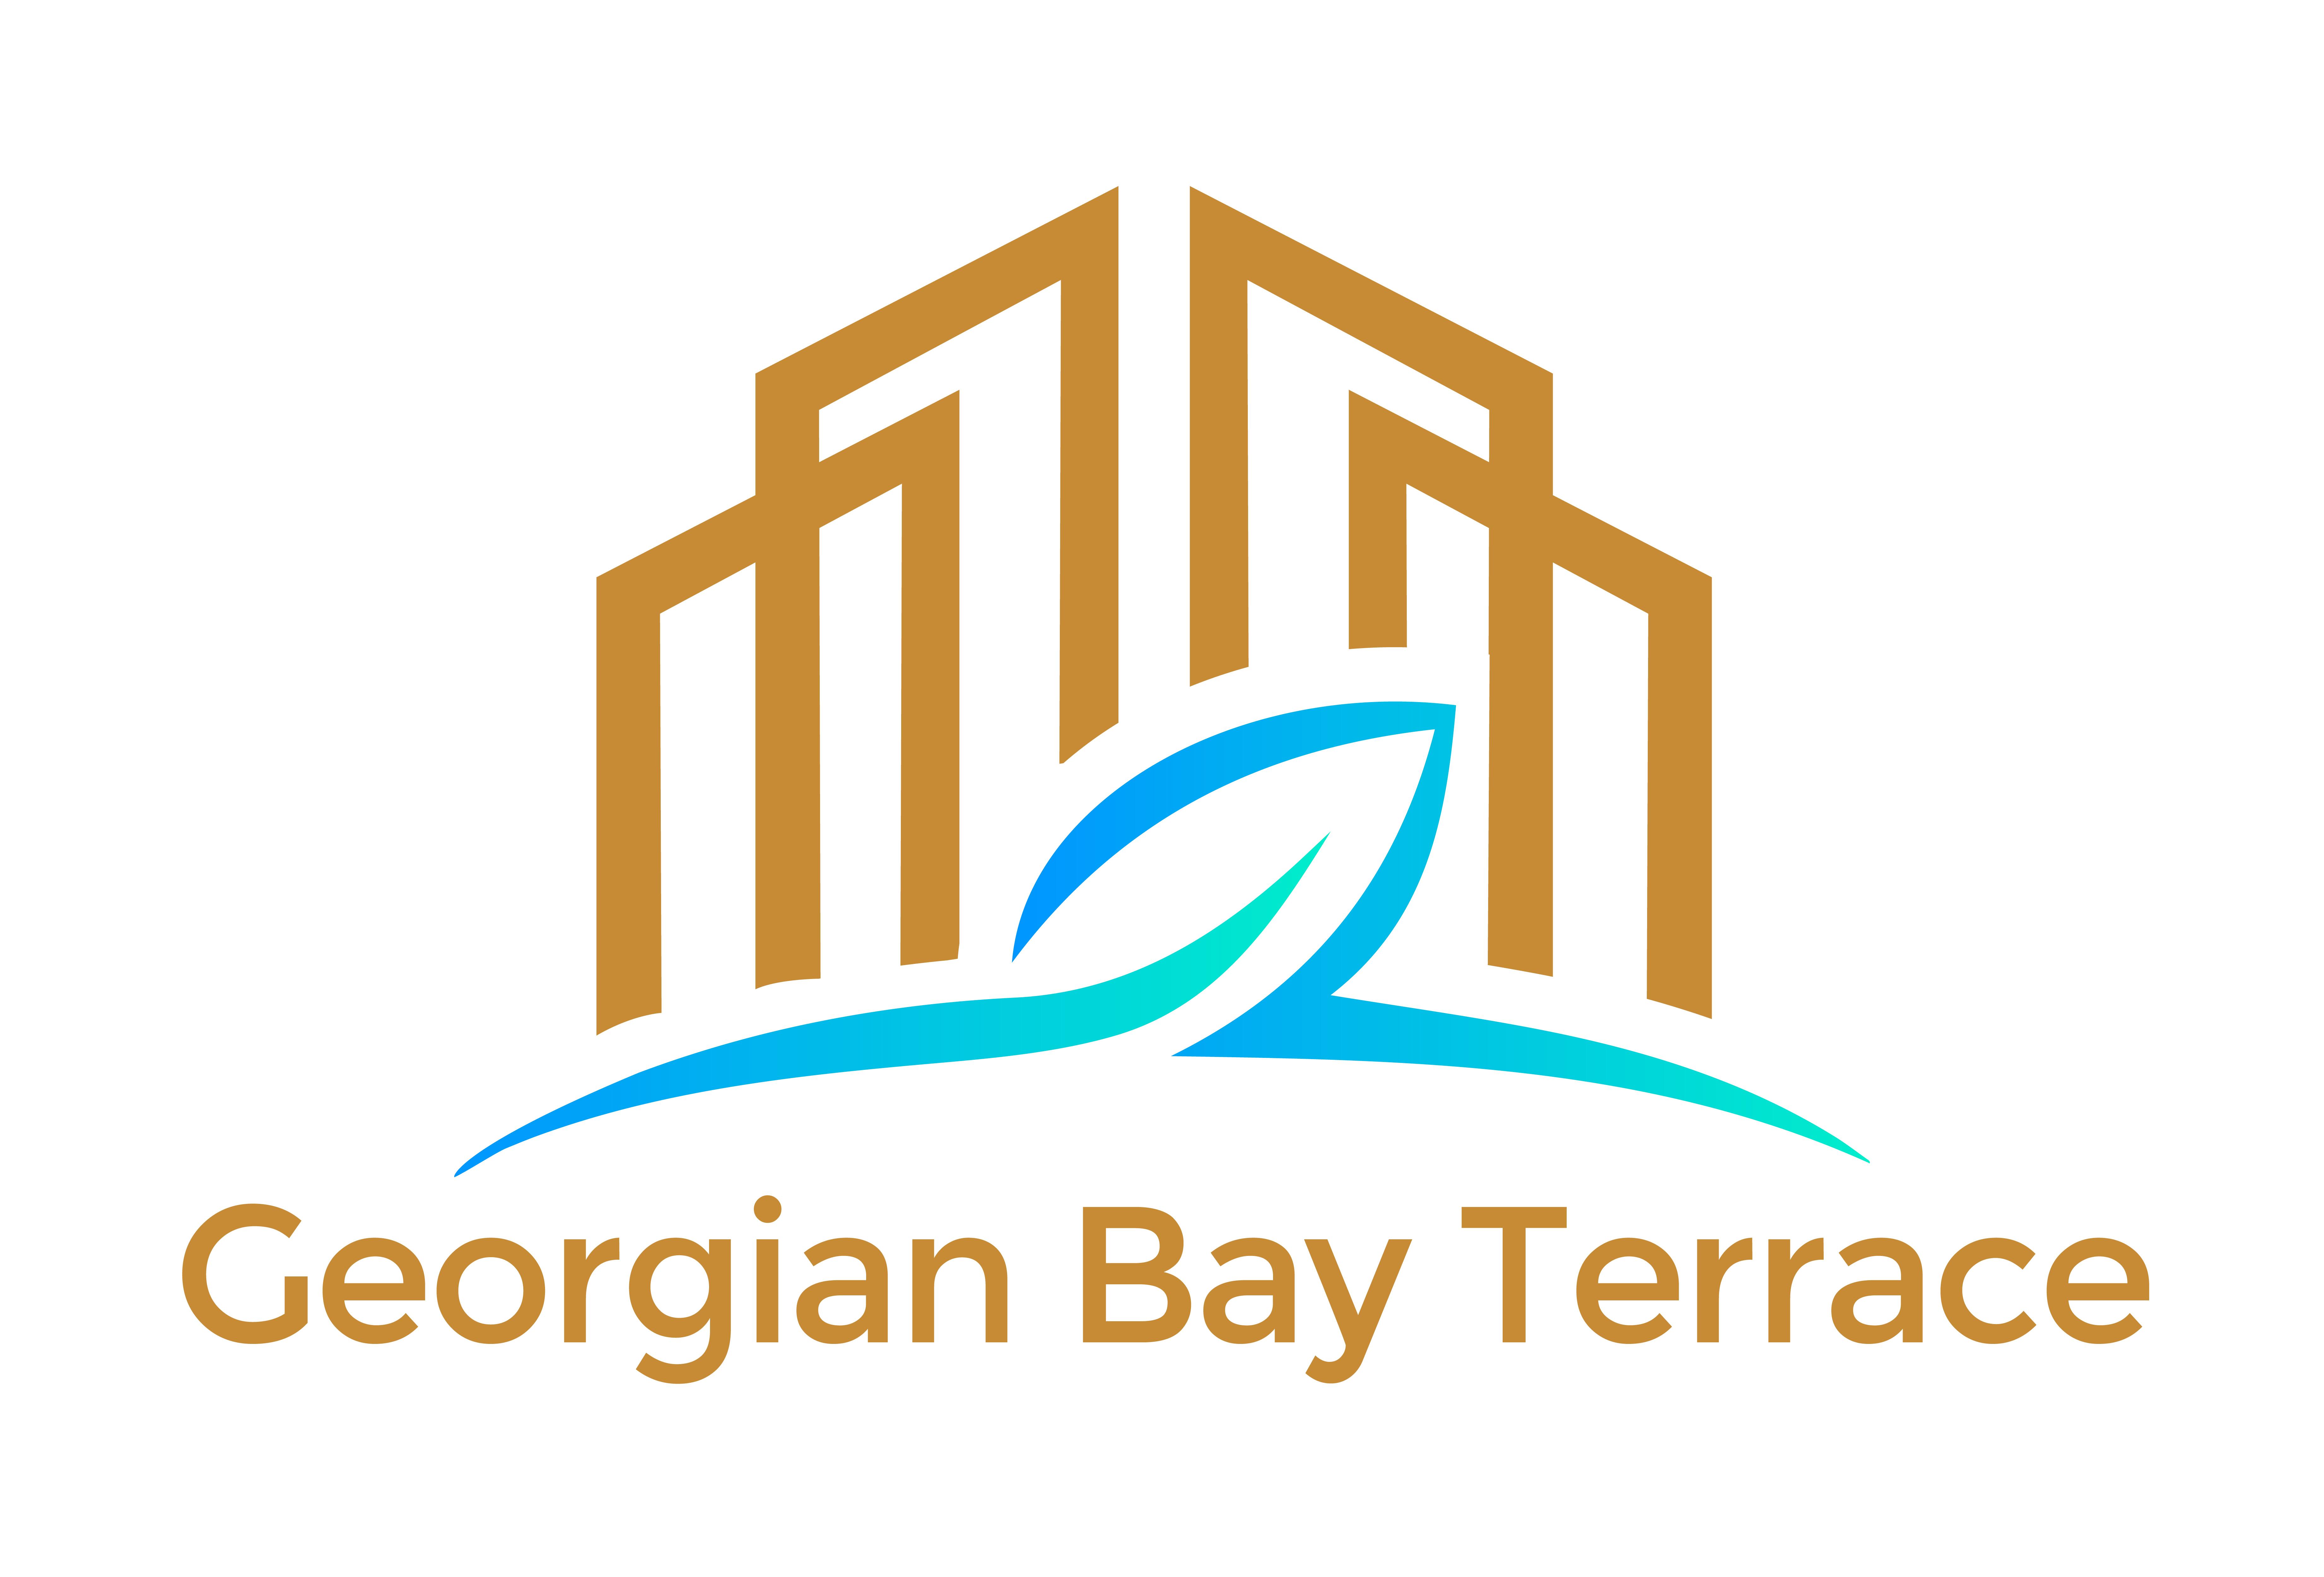 Georgian Bay Terrace Condo Development